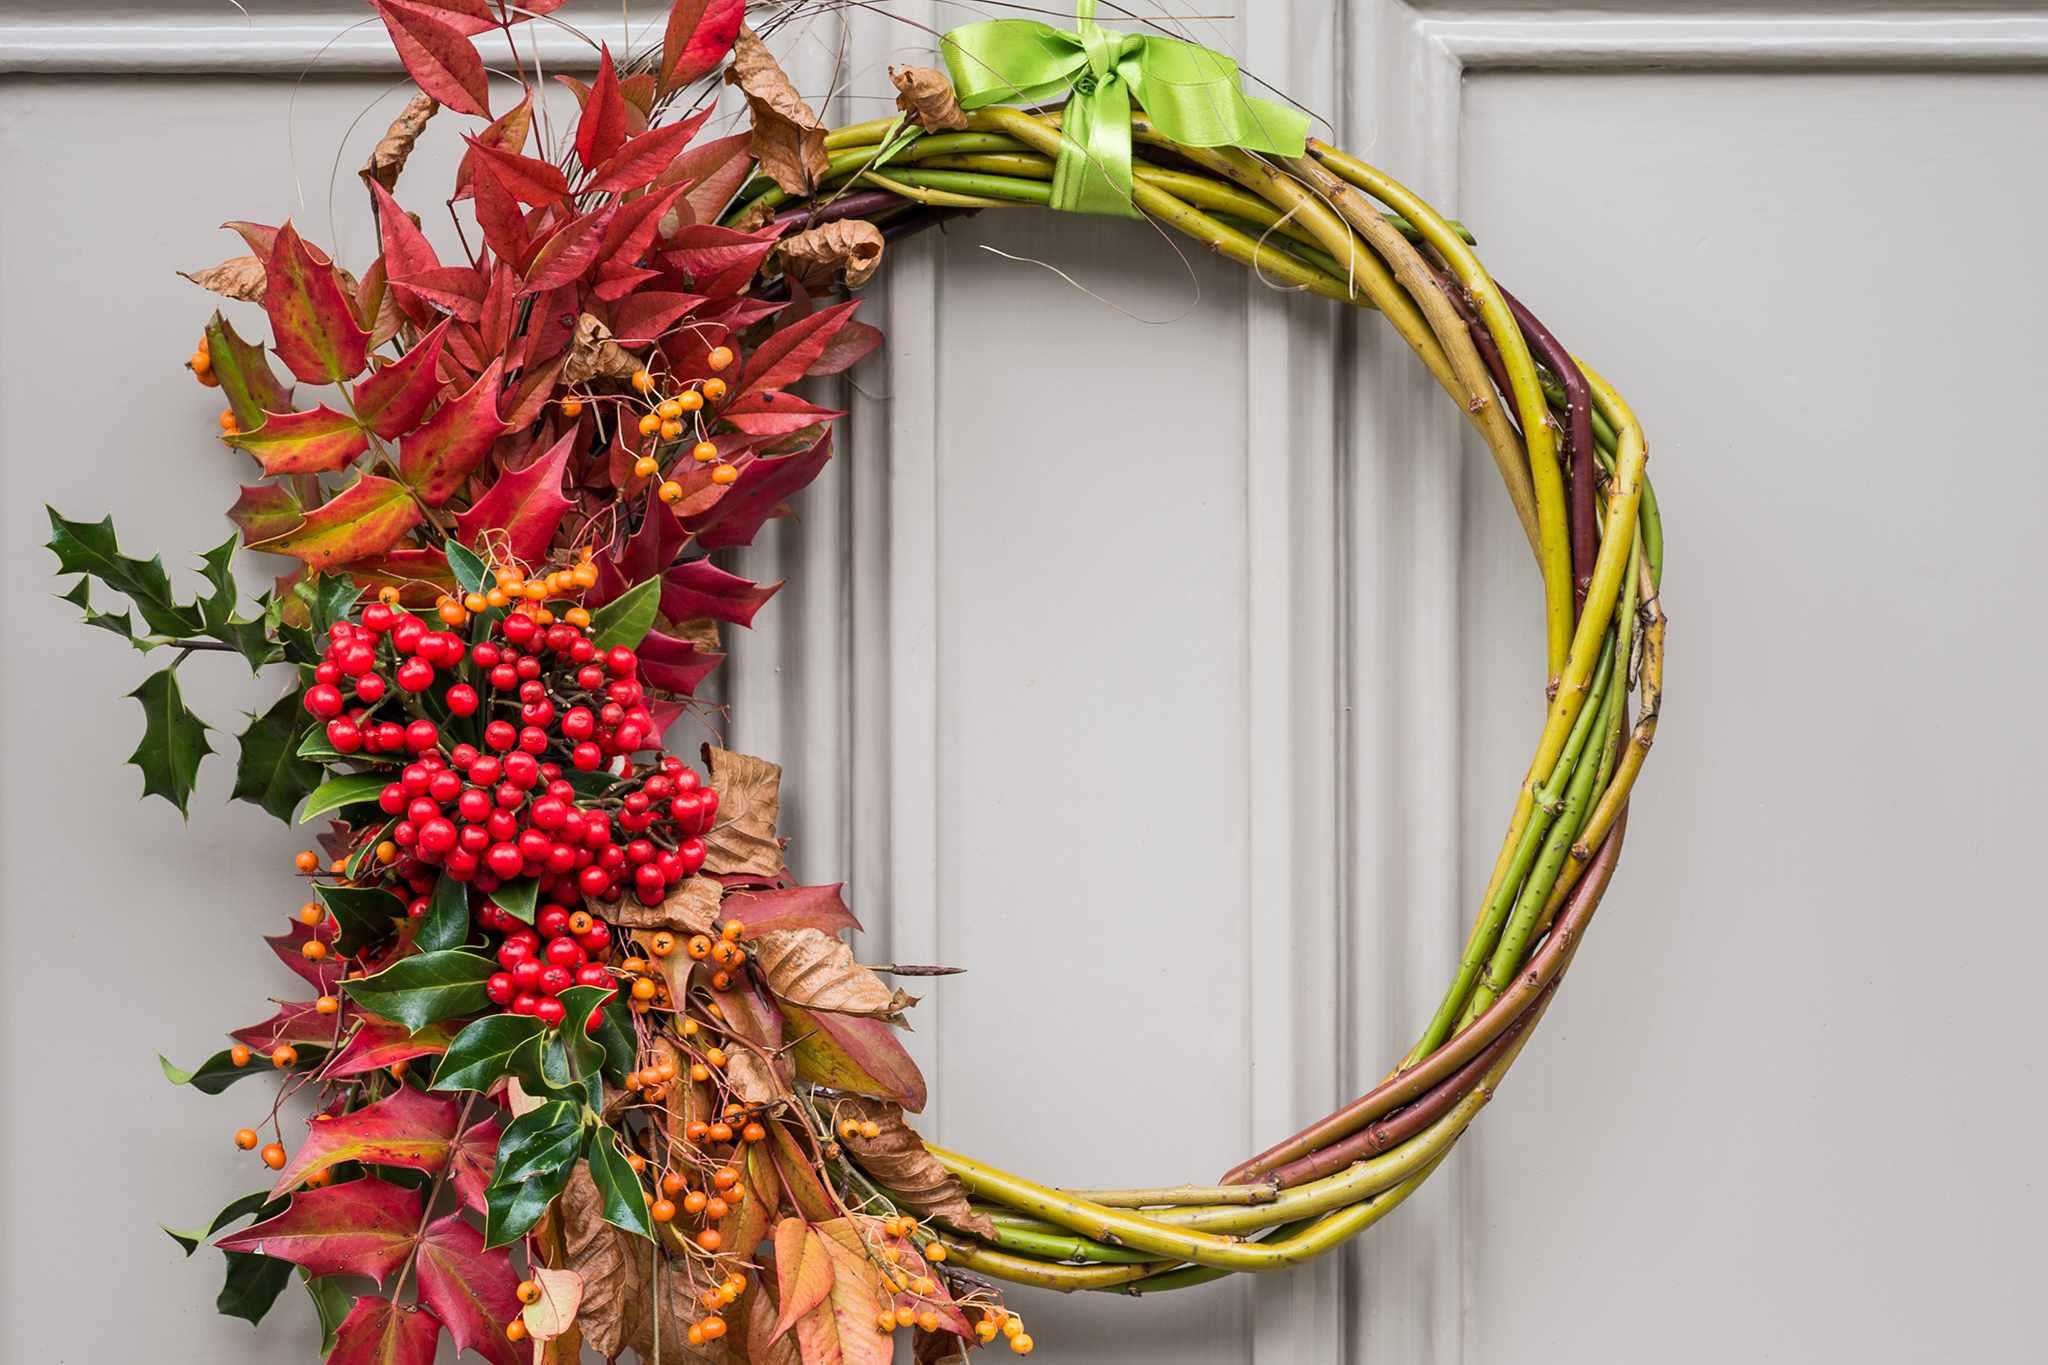 Hot-themed Christmas wreath